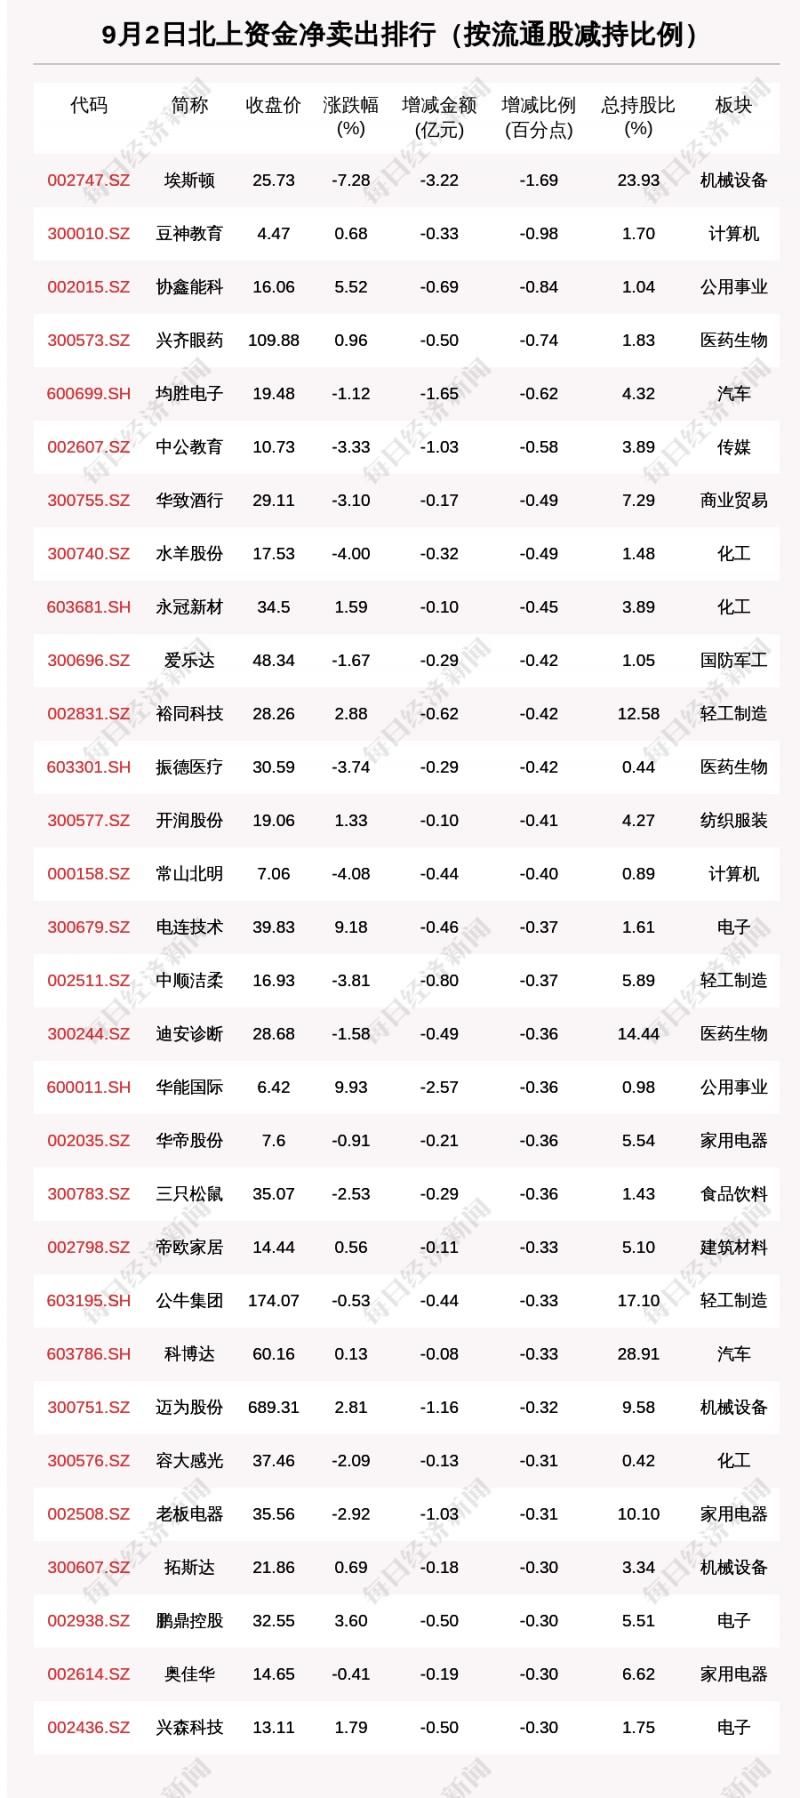 北向资金动向曝光9月2日这30只个股遭大甩卖(附名单)